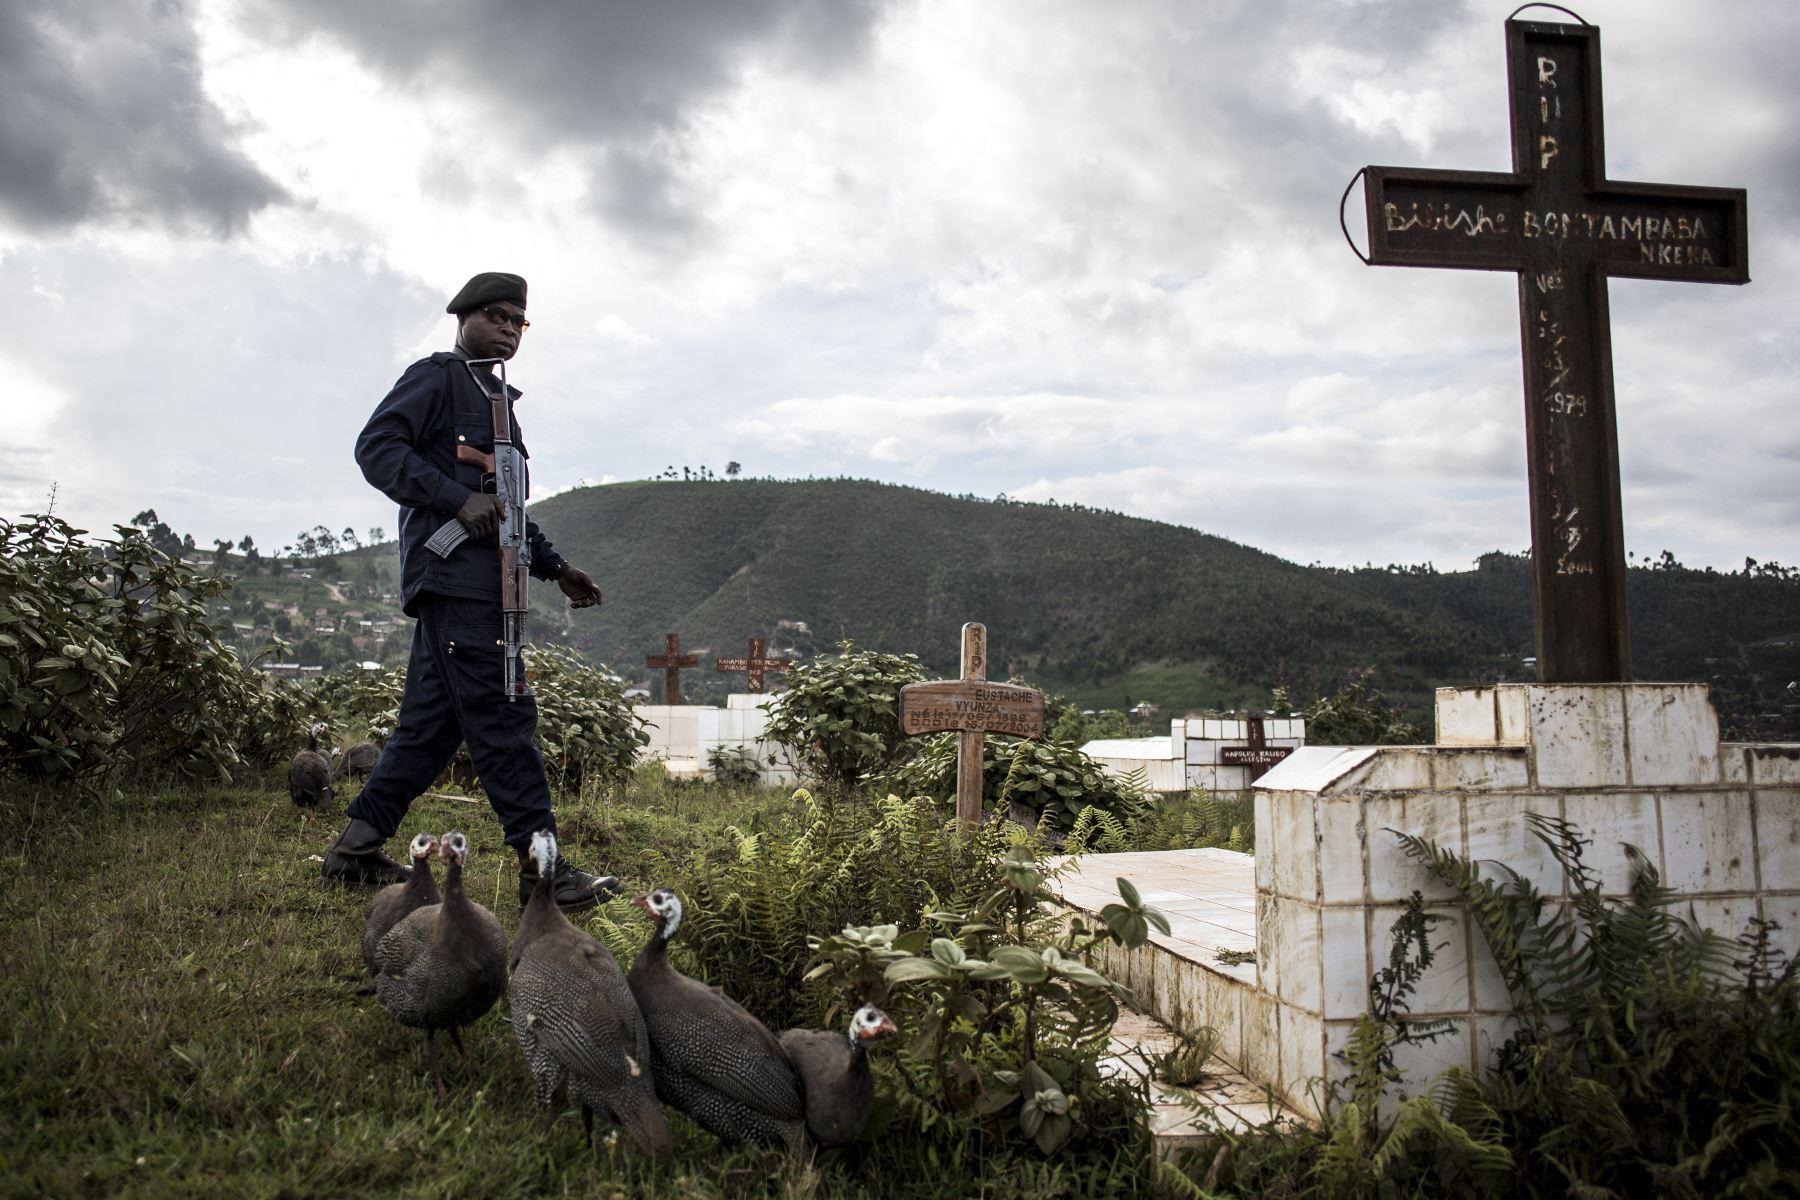 En los últimos siete días, África detectó 3,054 decesos, es decir una caída del 18% respecto a la semana precedente. Foto: AFP